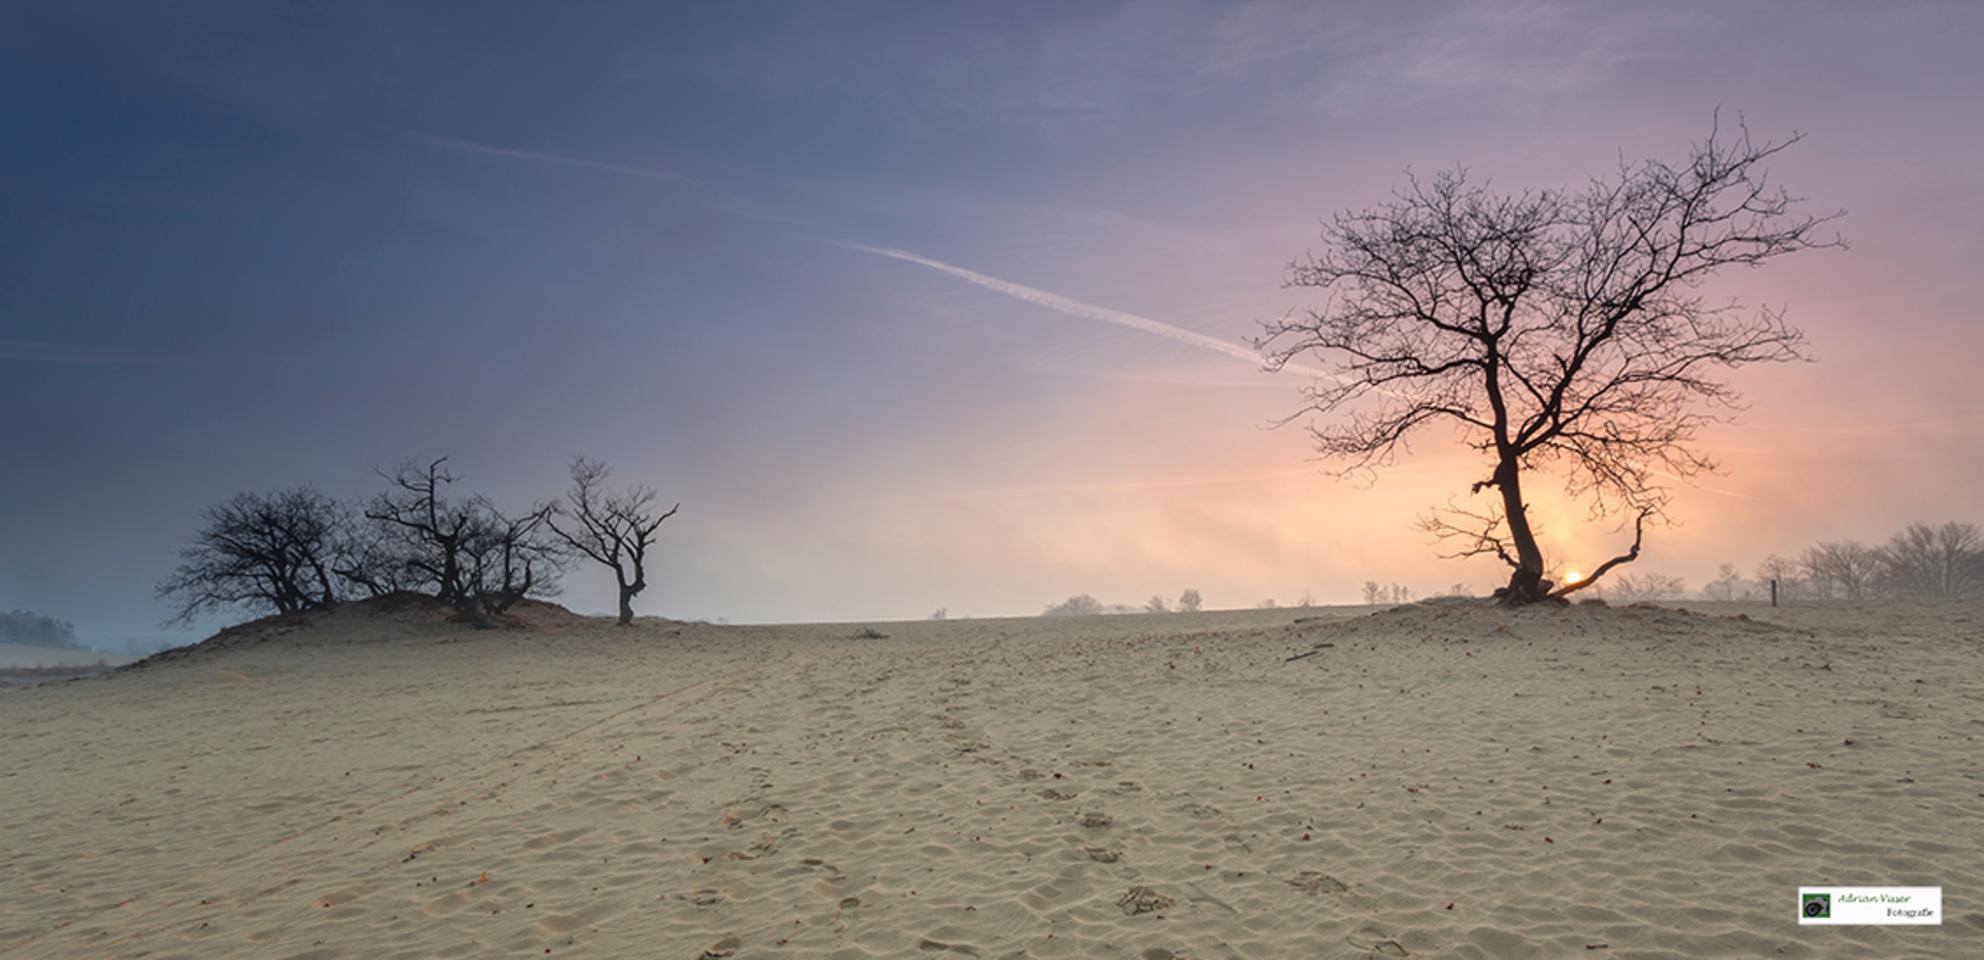 Zonsopkomst Loonse en Drunense duinen. - Afgelopen zaterdag met Jan Koppelaar naar de Loonse en Drunense duinen geweest. Tijdens de heenreis een dichte mist, op locatie trok de mist snel weg - foto door Aad1984 op 29-03-2016 - deze foto bevat: lucht, wolken, zon, strand, panorama, lente, natuur, licht, landschap, mist, heide, duinen, bos, tegenlicht, zonsopkomst, bomen, zand, loonse en drunense duinen